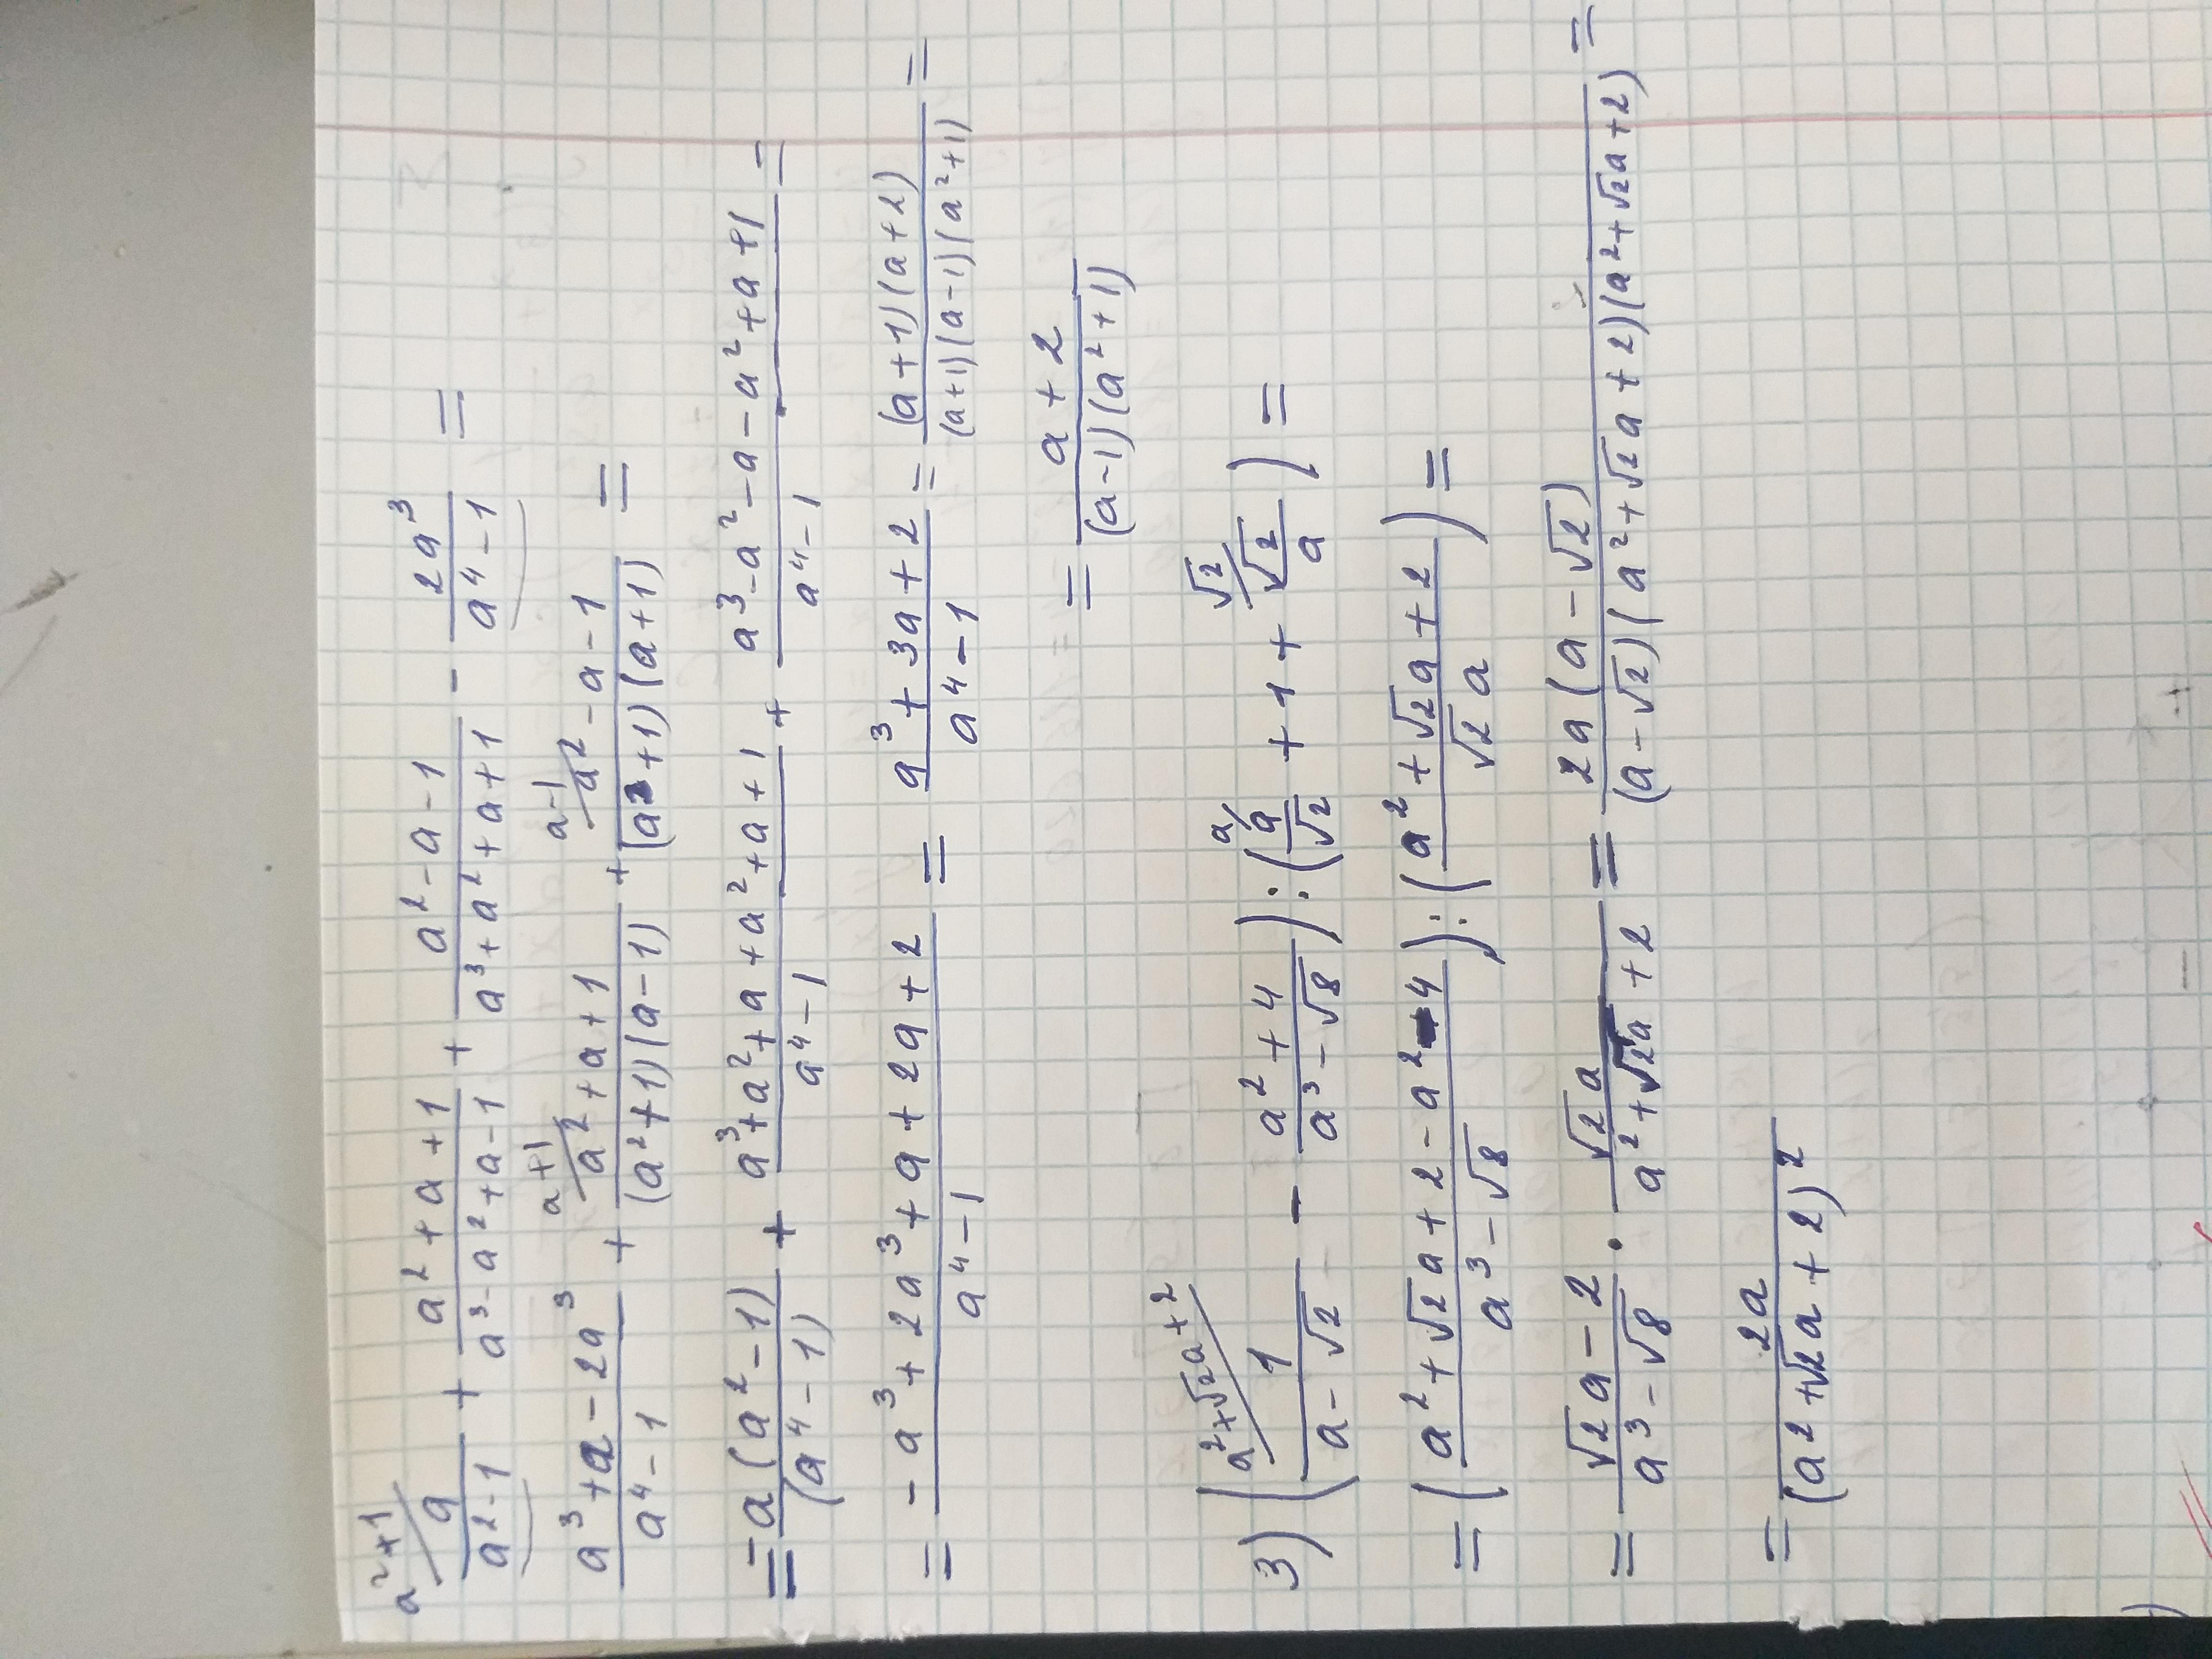 Упростить алгебраические выражения: